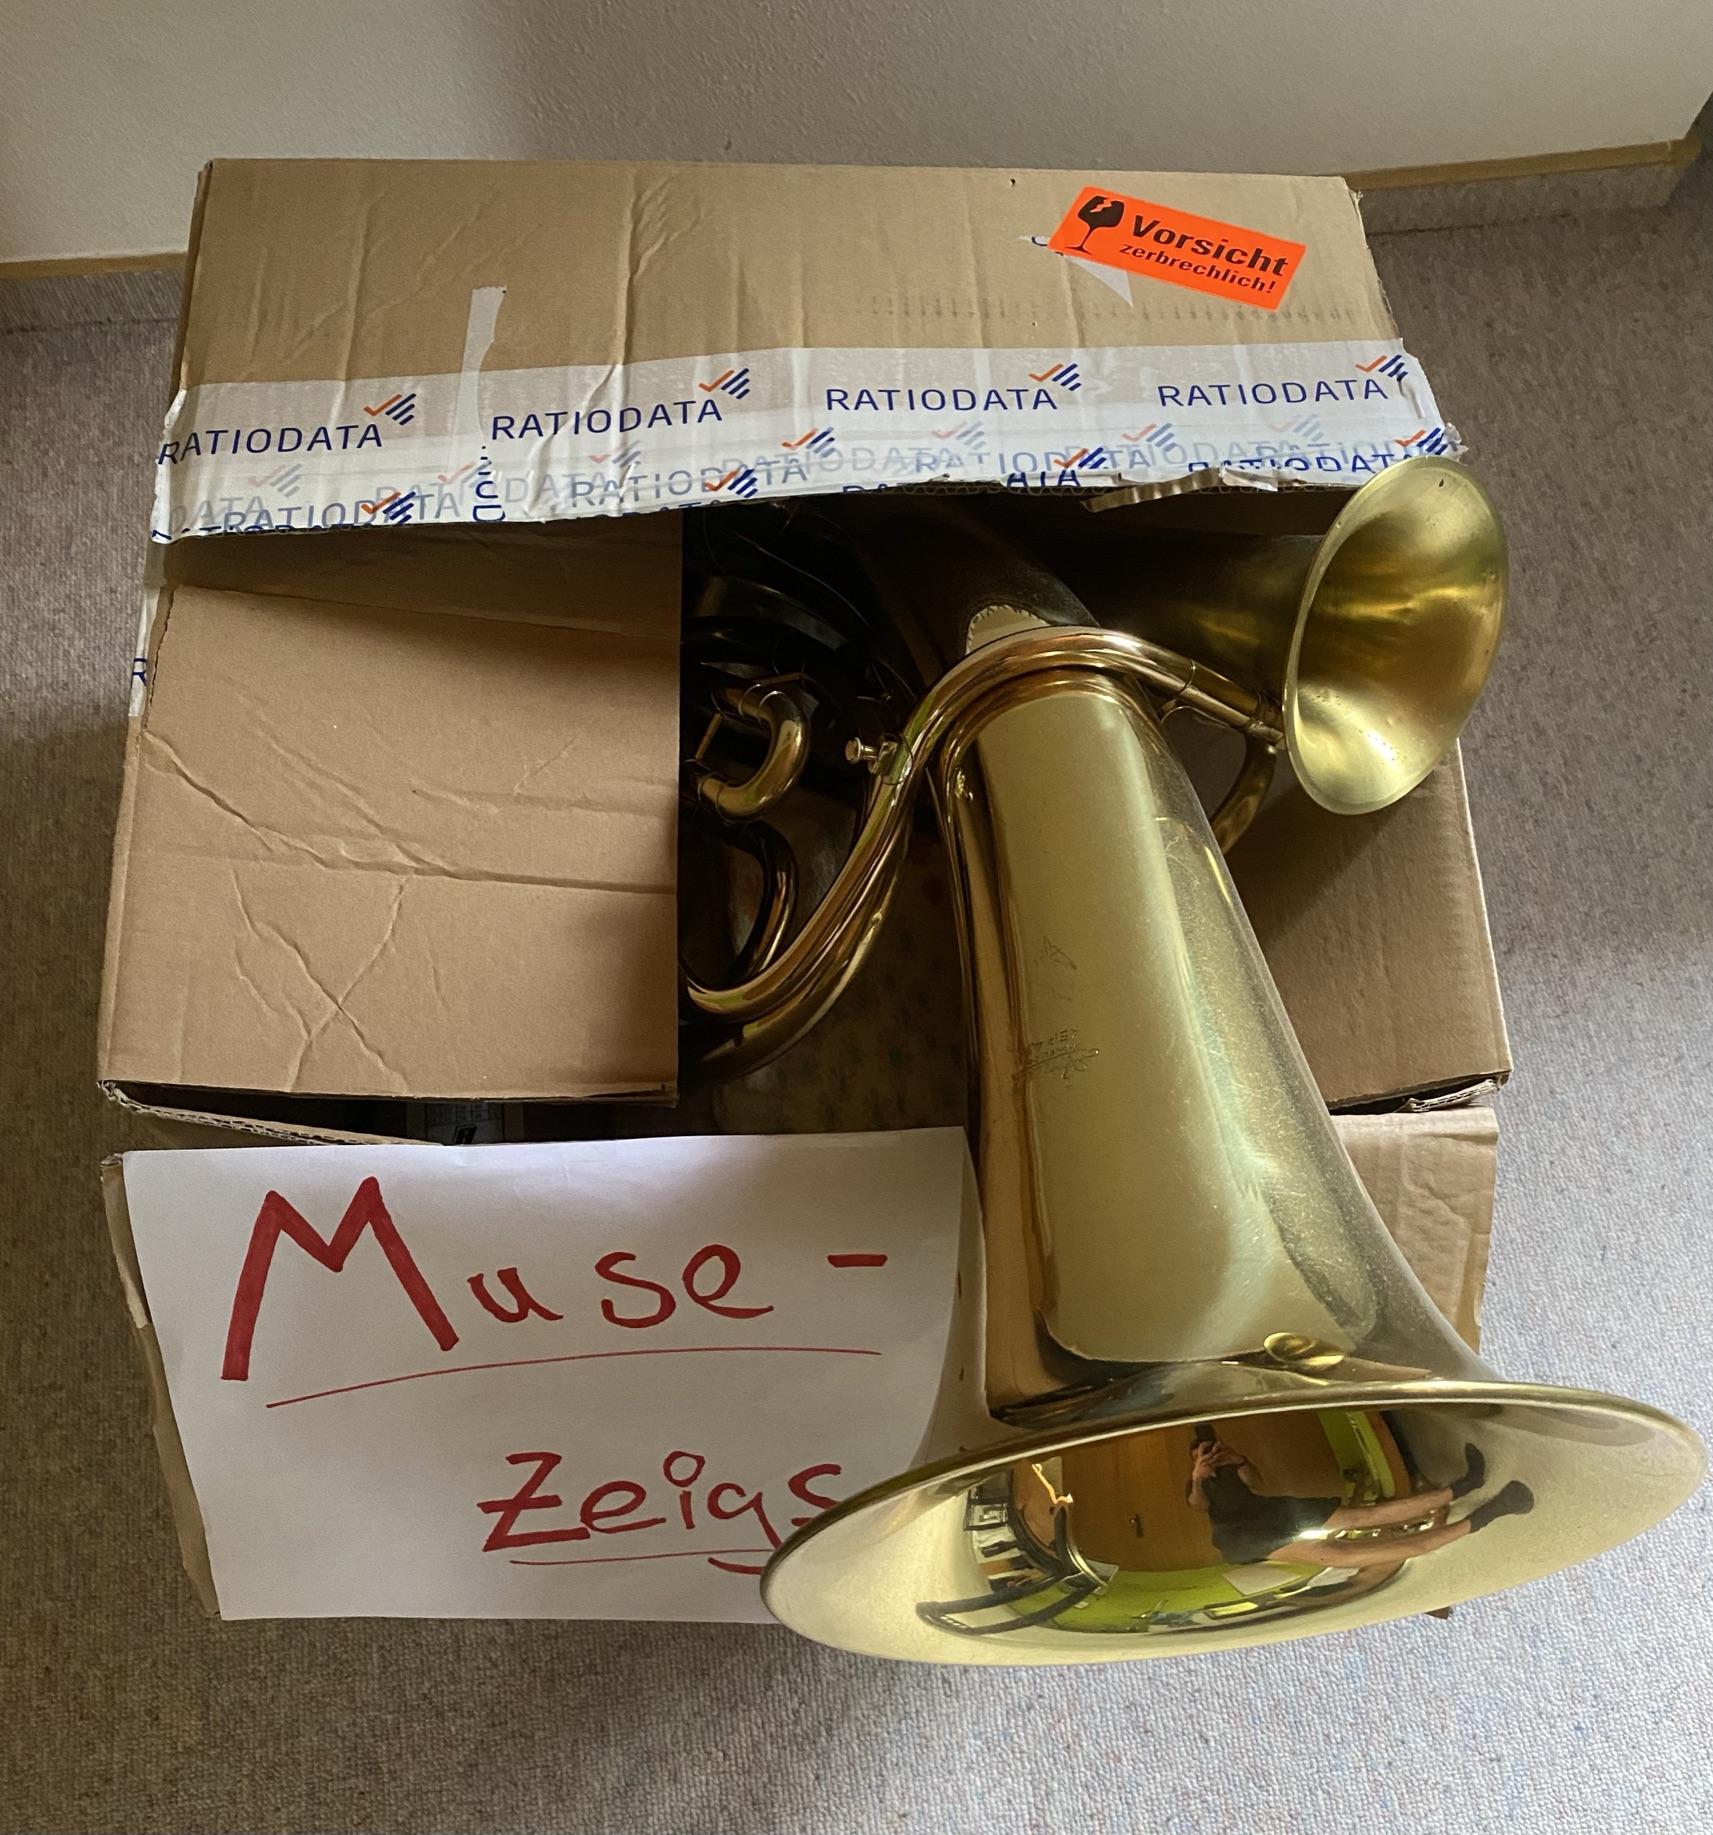 Ahhh, hier ist ja endlich die Kiste mit dem Muse-Zeigs!